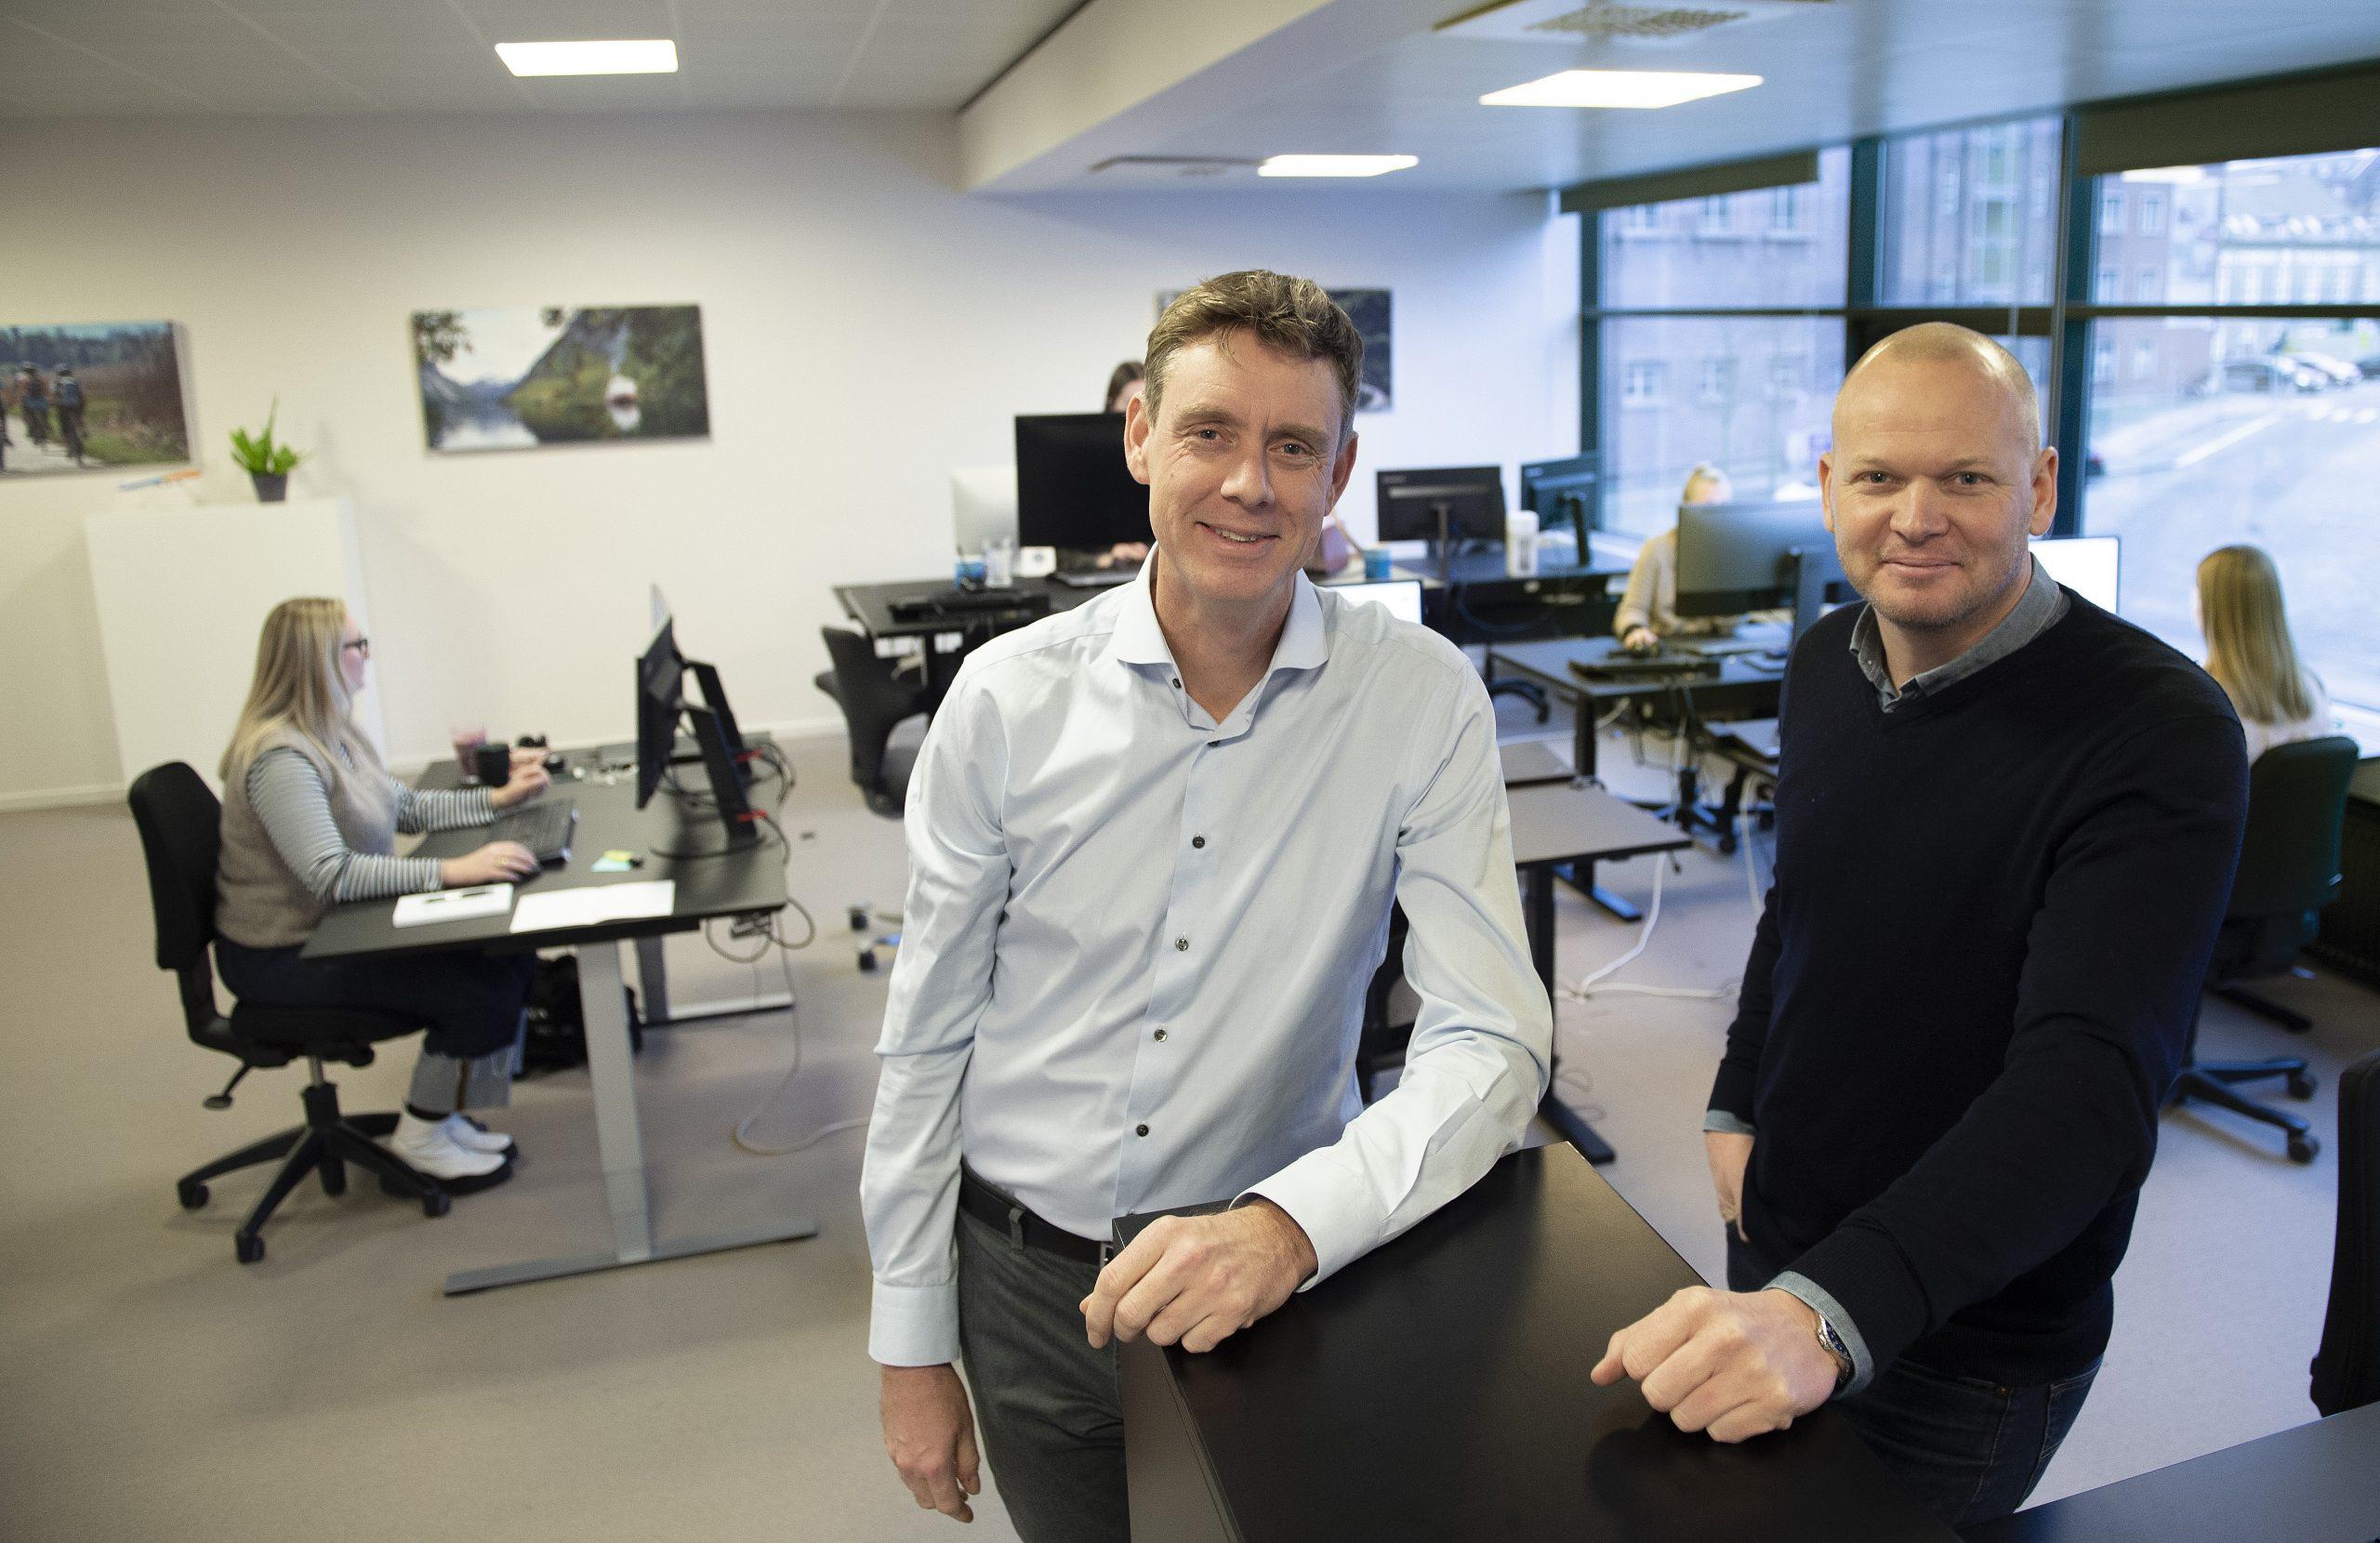 Martin Bisp, til venstre, fortsætter som hovedejer og administrerende direktør af Top Tours, som Mads Bygballe og hans Sunway Group nu har købt 49 procent af. PR-foto: Michael Bygballe.